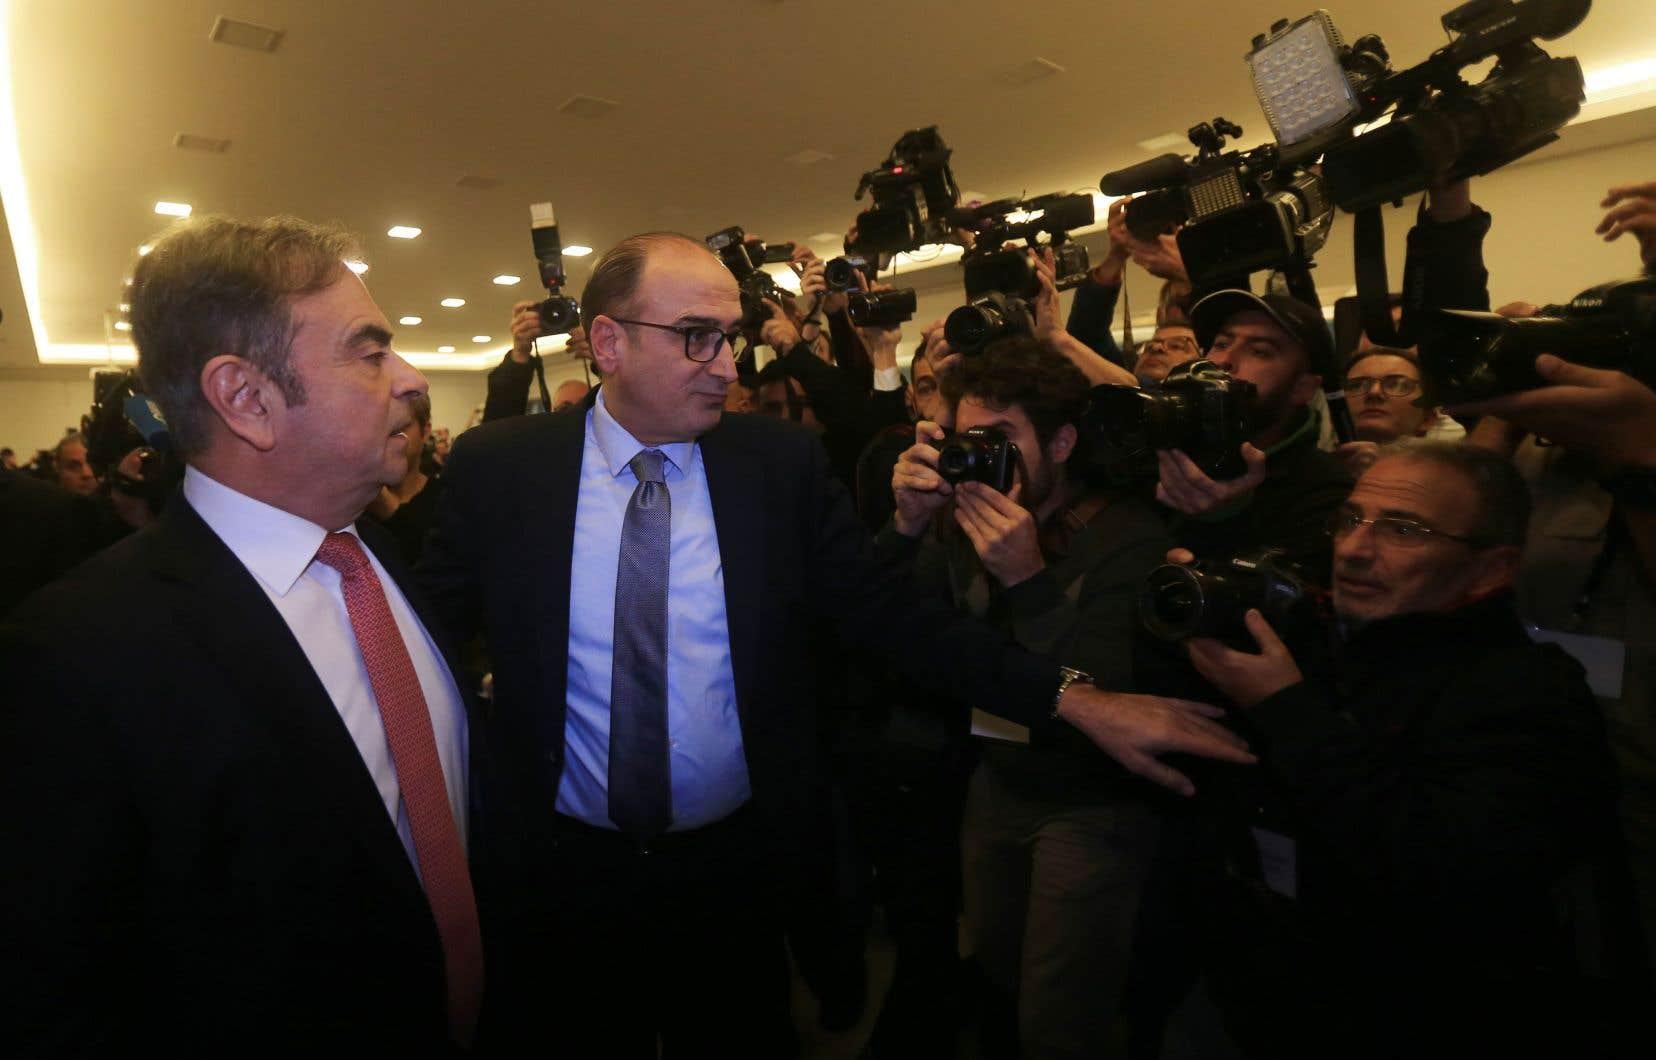 Accusé d'abus de confiance et de ne pas avoir déclaré des revenus par la justice japonaise, Carlos Ghosn s'est présenté devant la presse internationale, mercredi, à Beyrouth, pour la première fois depuis sa fuite rocambolesque du Japon.